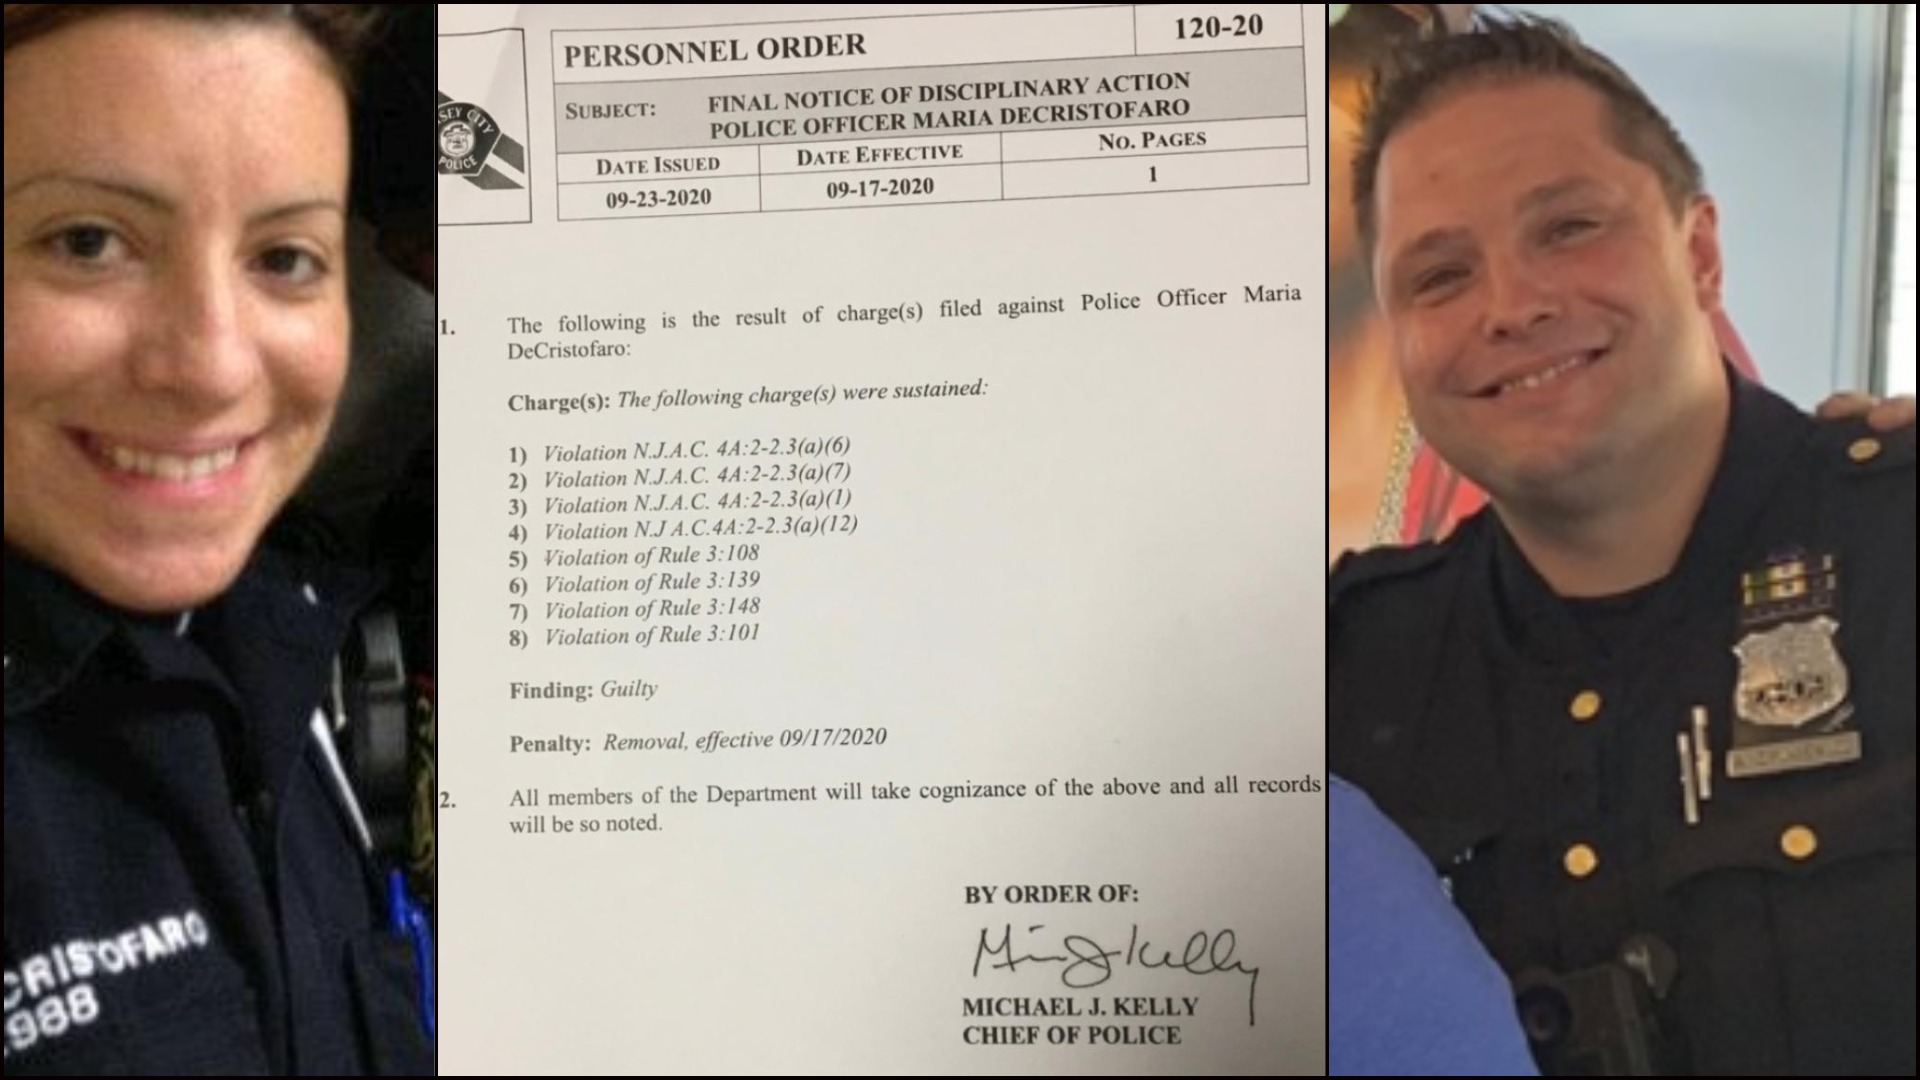 Maria DeCristofaro - Arkadiusz Zylkiewicz - Jersey City Police Dept.